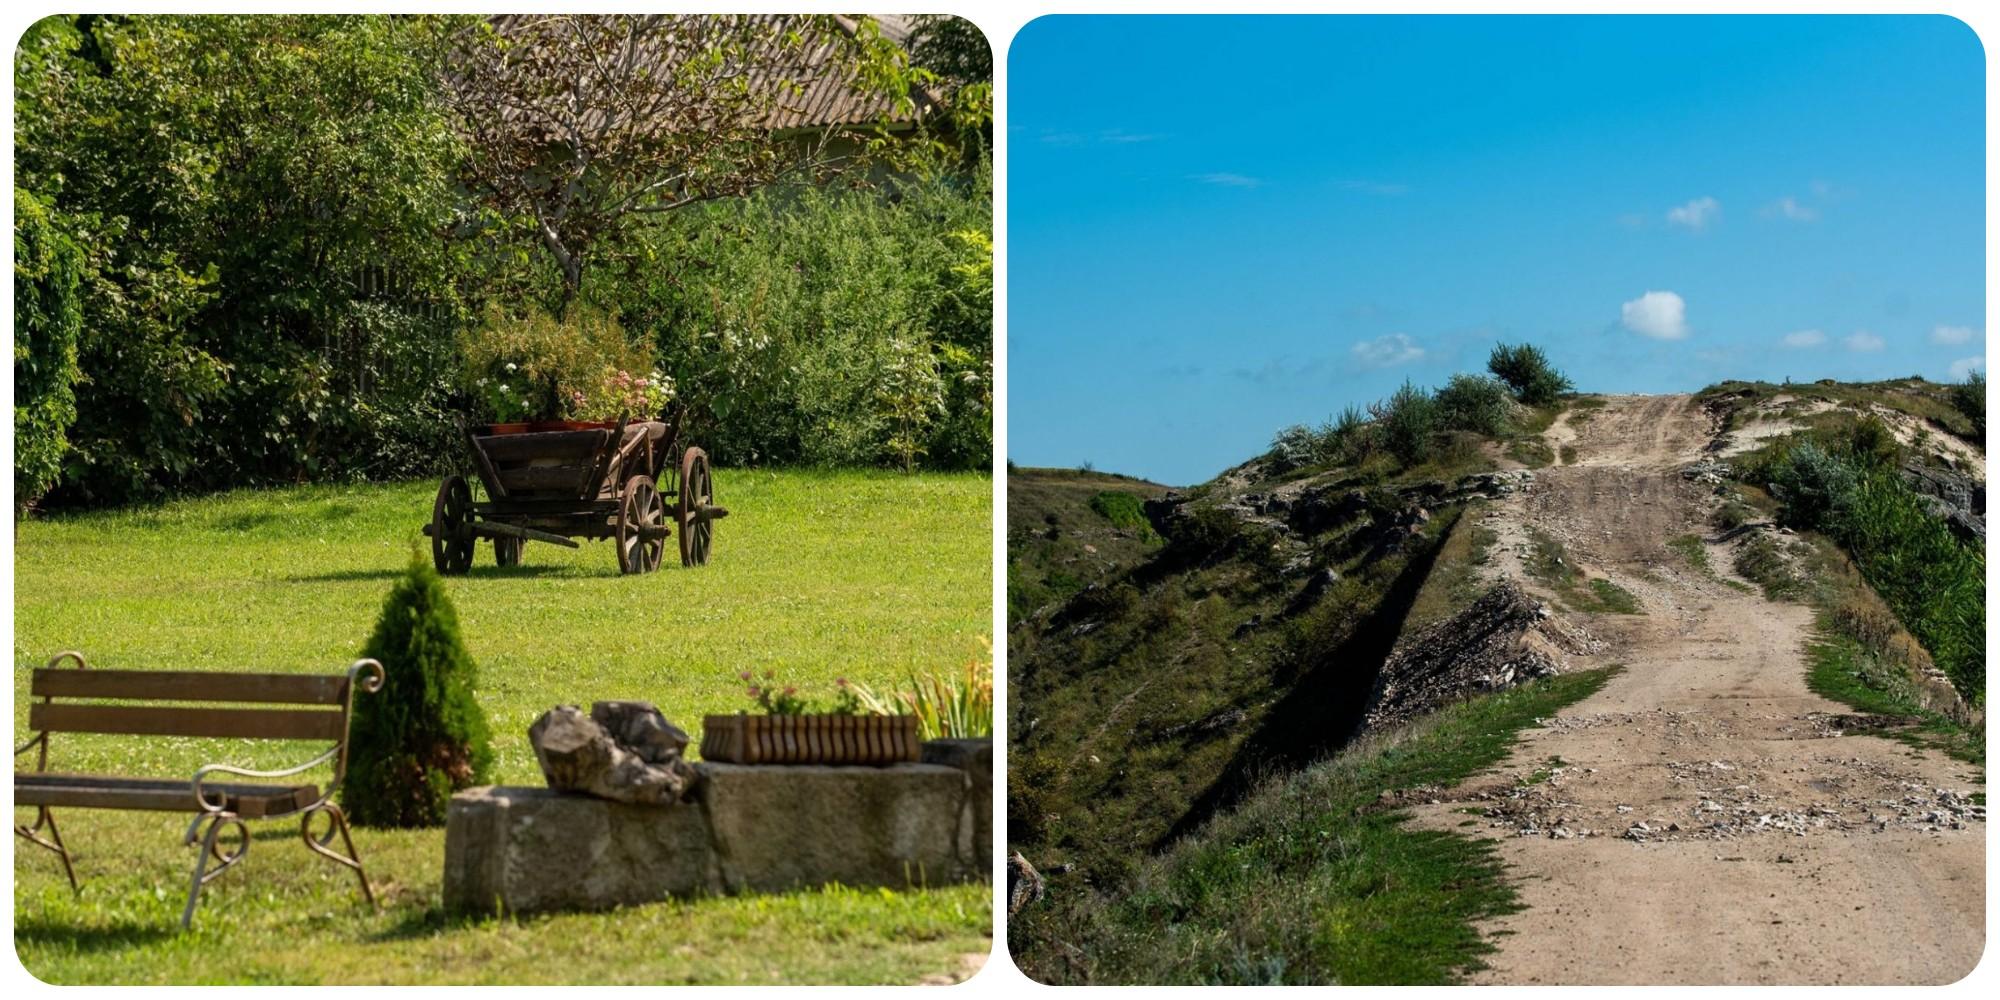 Foto: Noi atracții turistice în Moldova! Trei localităţi au făcut un parteneriat